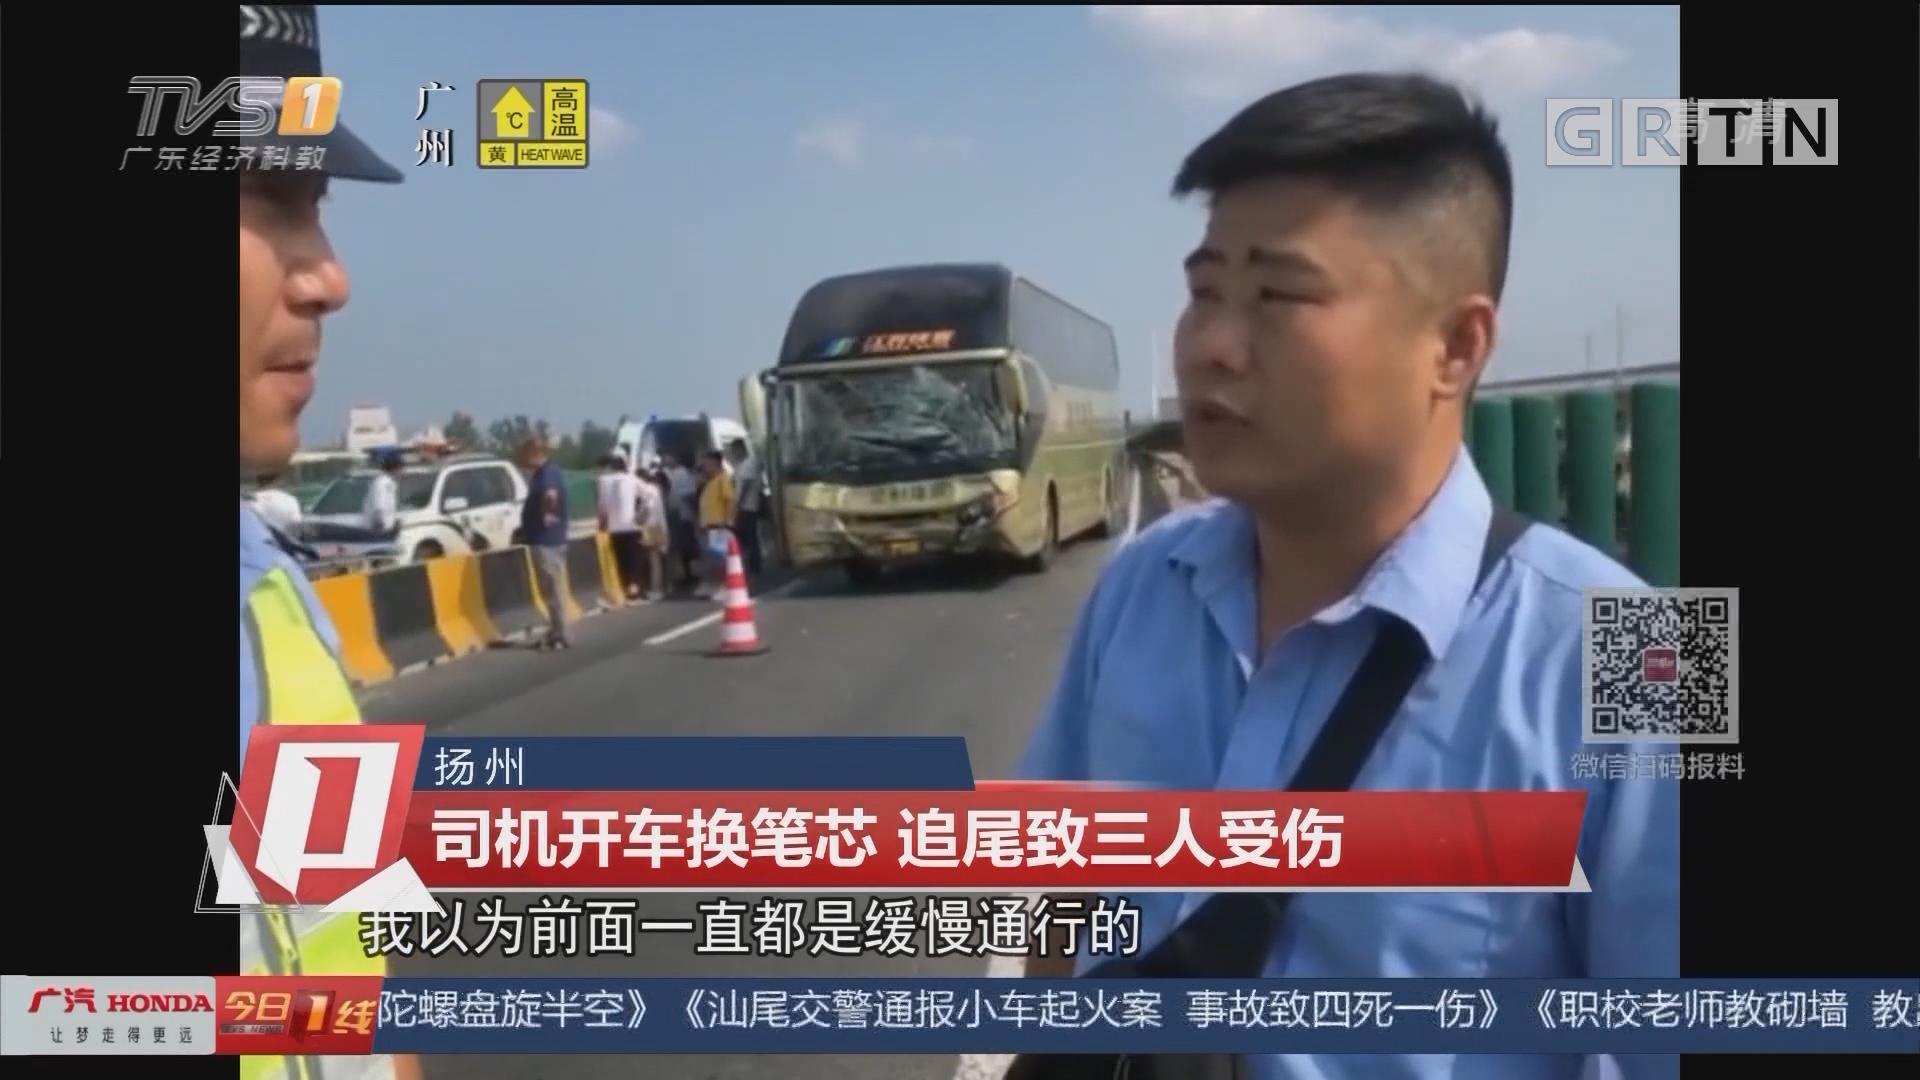 扬州:司机开车换笔芯 追尾致三人受伤